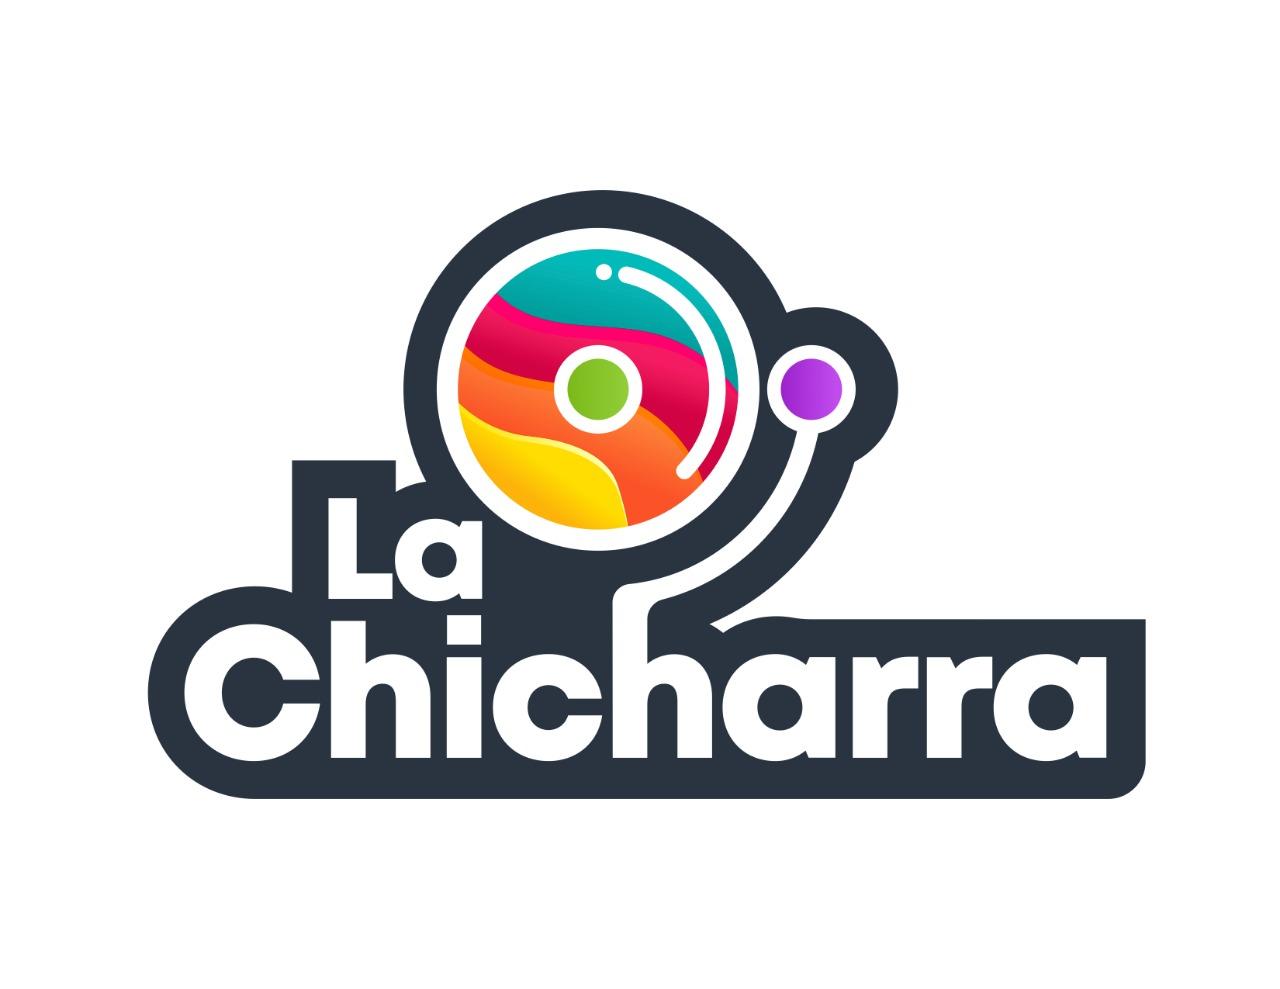 Todo listo para la nueva temporada del programa infantil La Chicharra